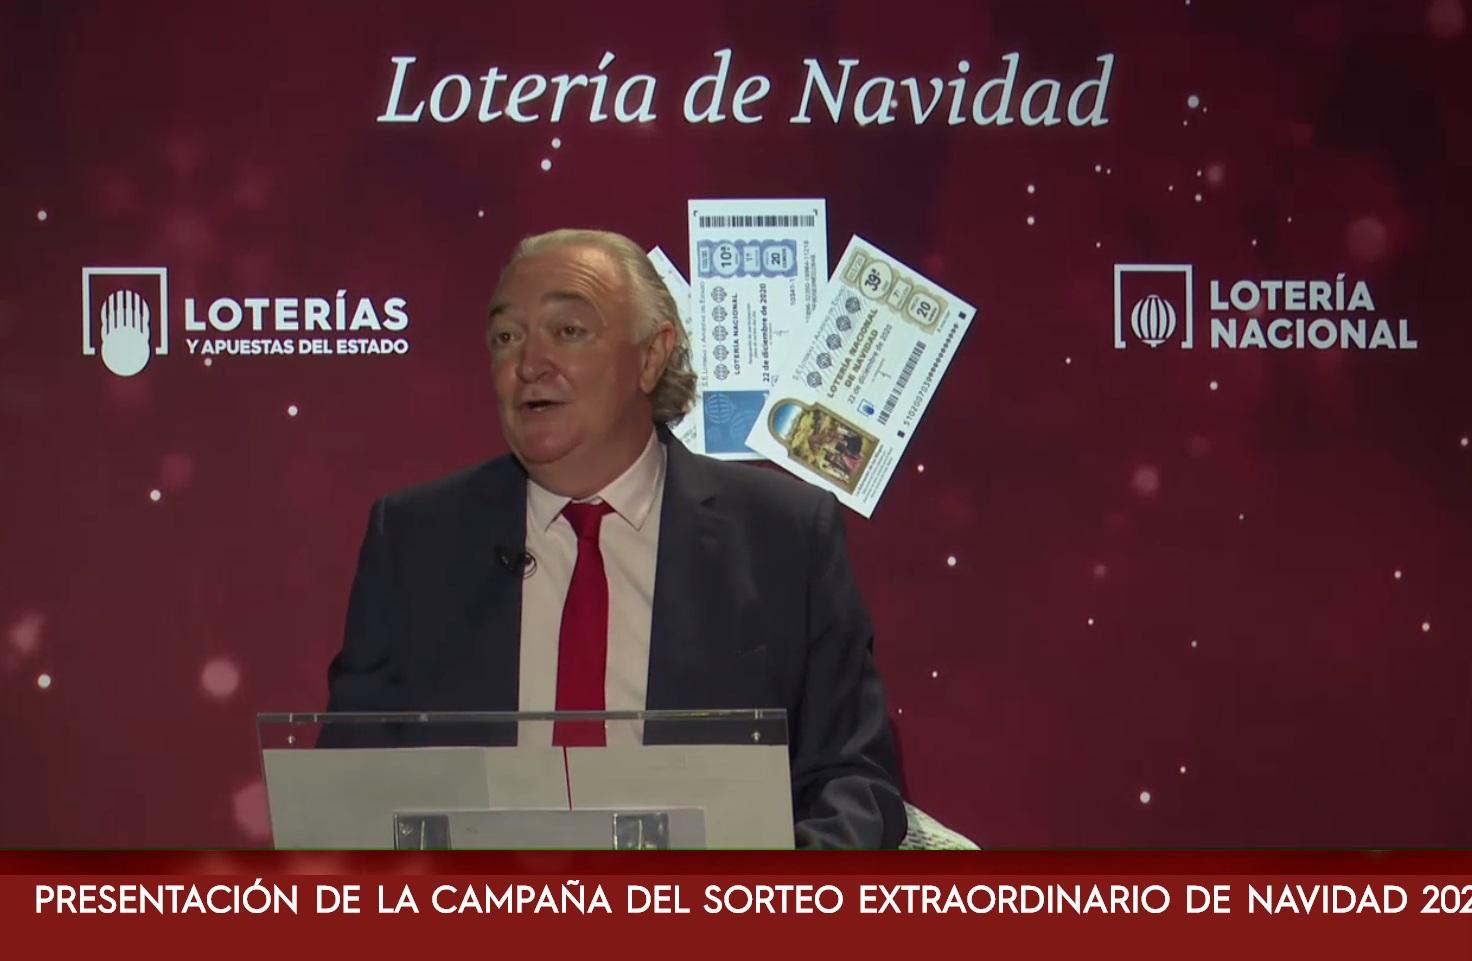 https://www.programapublicidad.com/wp-content/uploads/2020/11/Jesús-Huerta-presidente-de-Loterías-SorteoLoteriaNavidad2020-programapublicidad.jpg